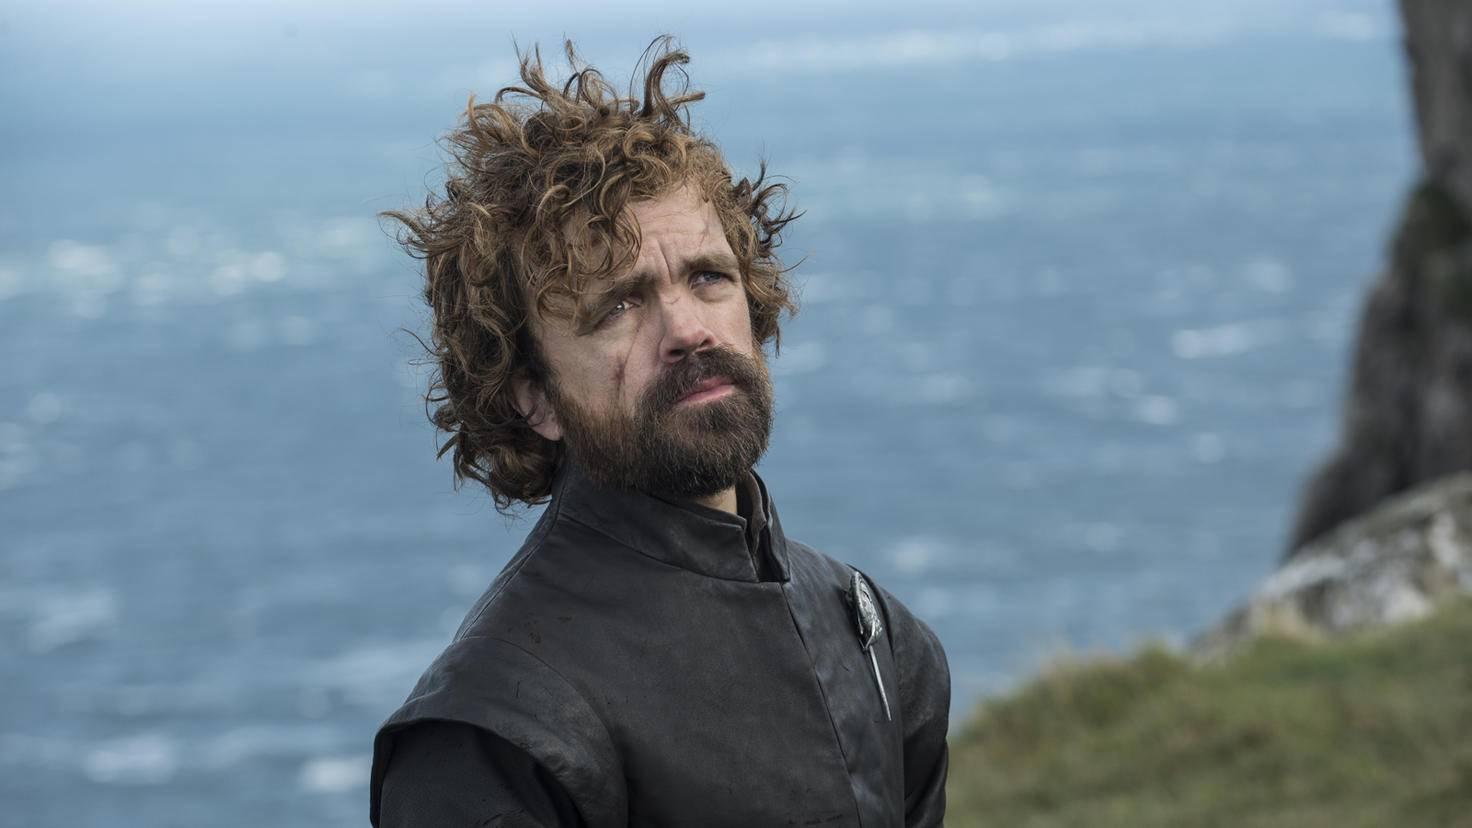 Tyrion hat immer einen flotten Spruch auf den Lippen – weiß jedoch im entscheidenden Moment, worauf es ankommt.